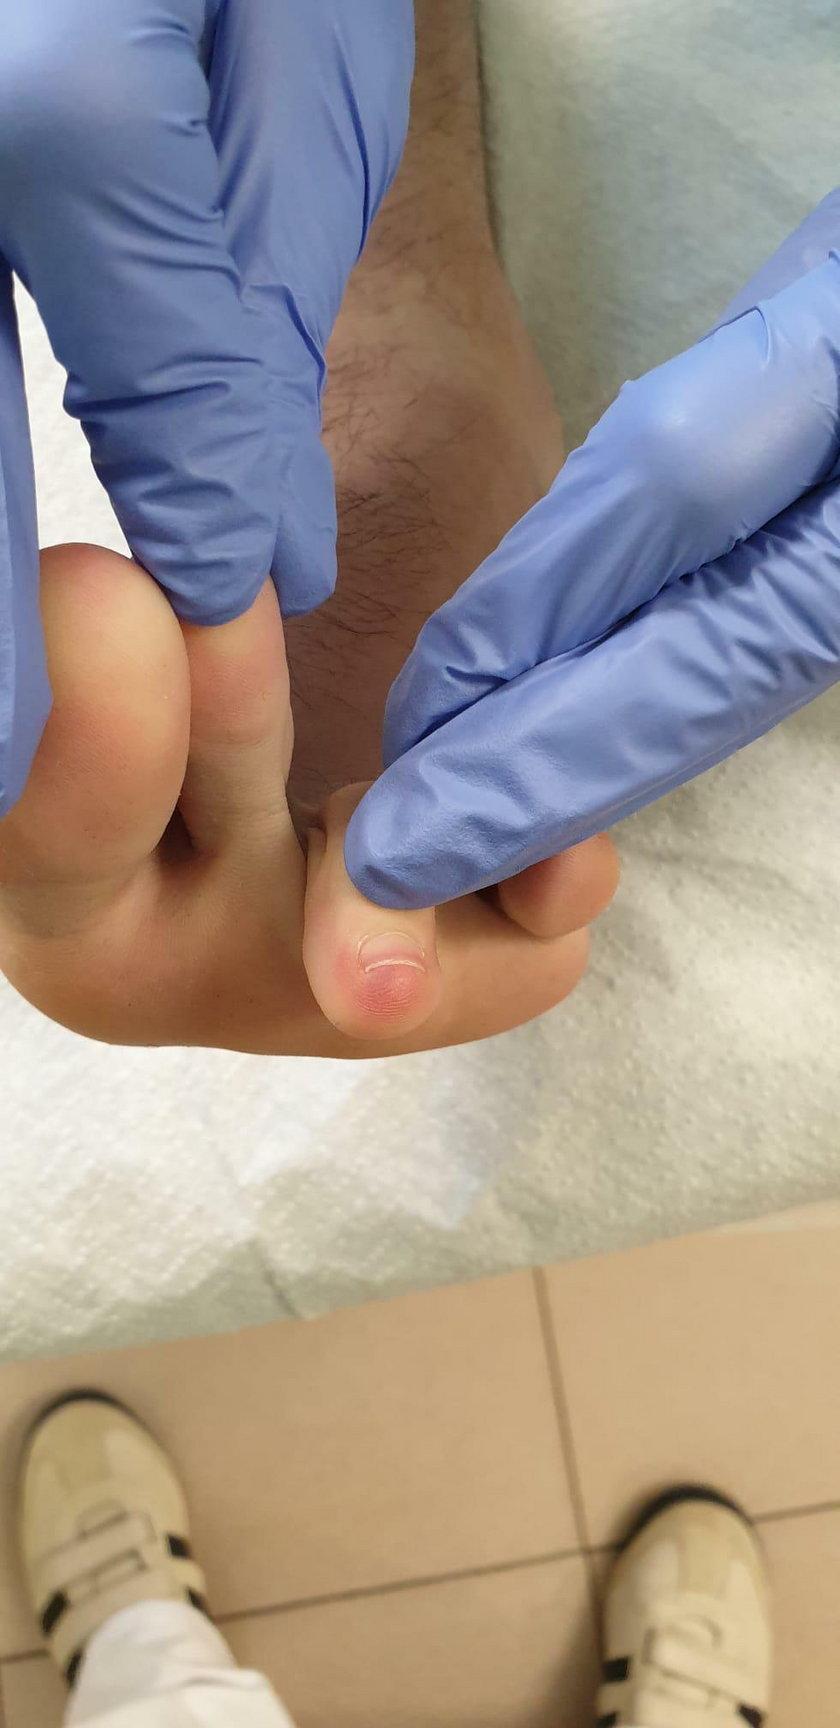 Koronawirus: siniaki na stopach mogą świadczyć o zakażeniu